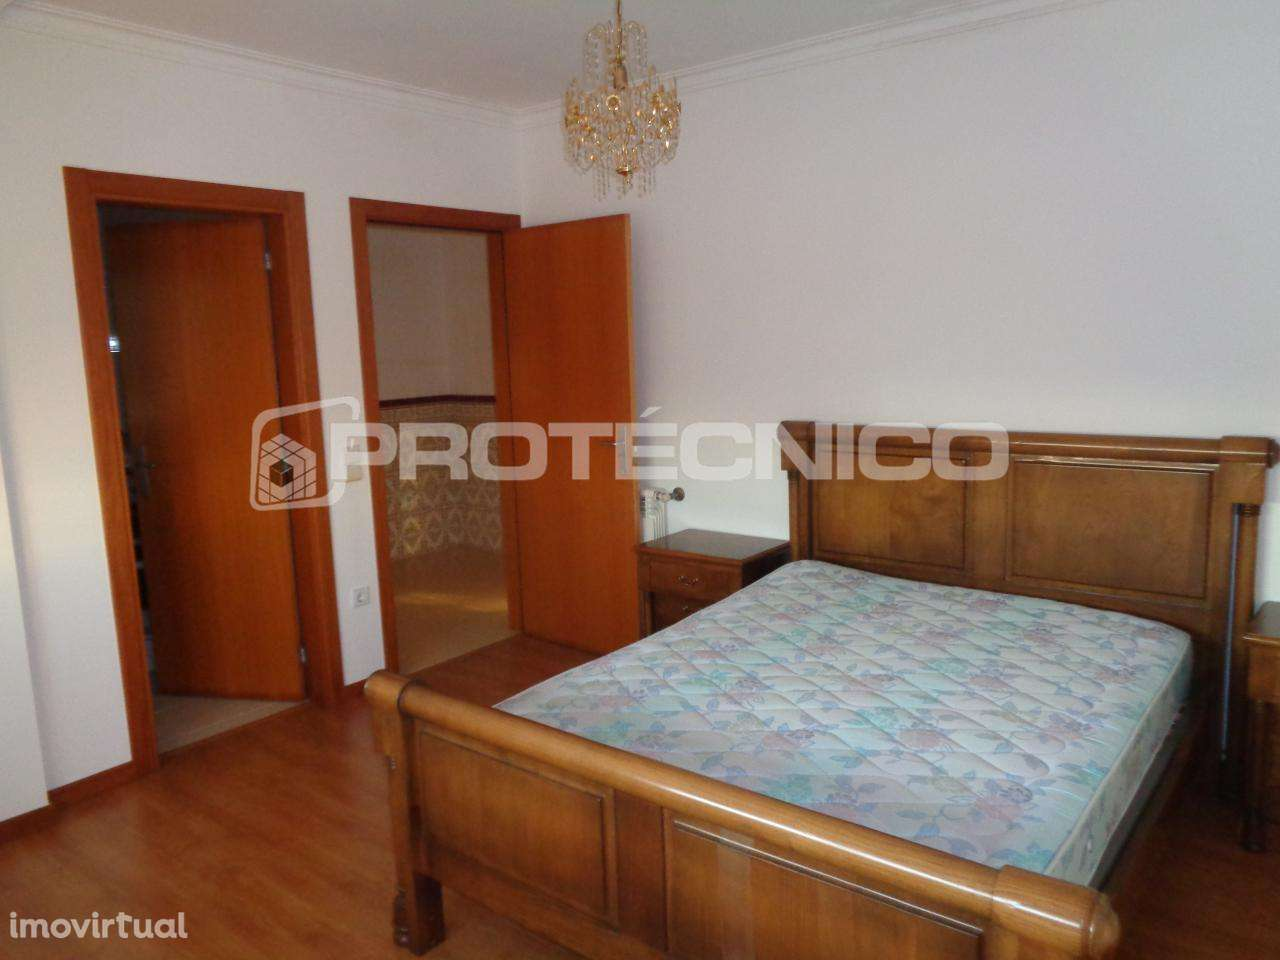 Apartamento para comprar, Gafanha do Carmo, Ílhavo, Aveiro - Foto 6